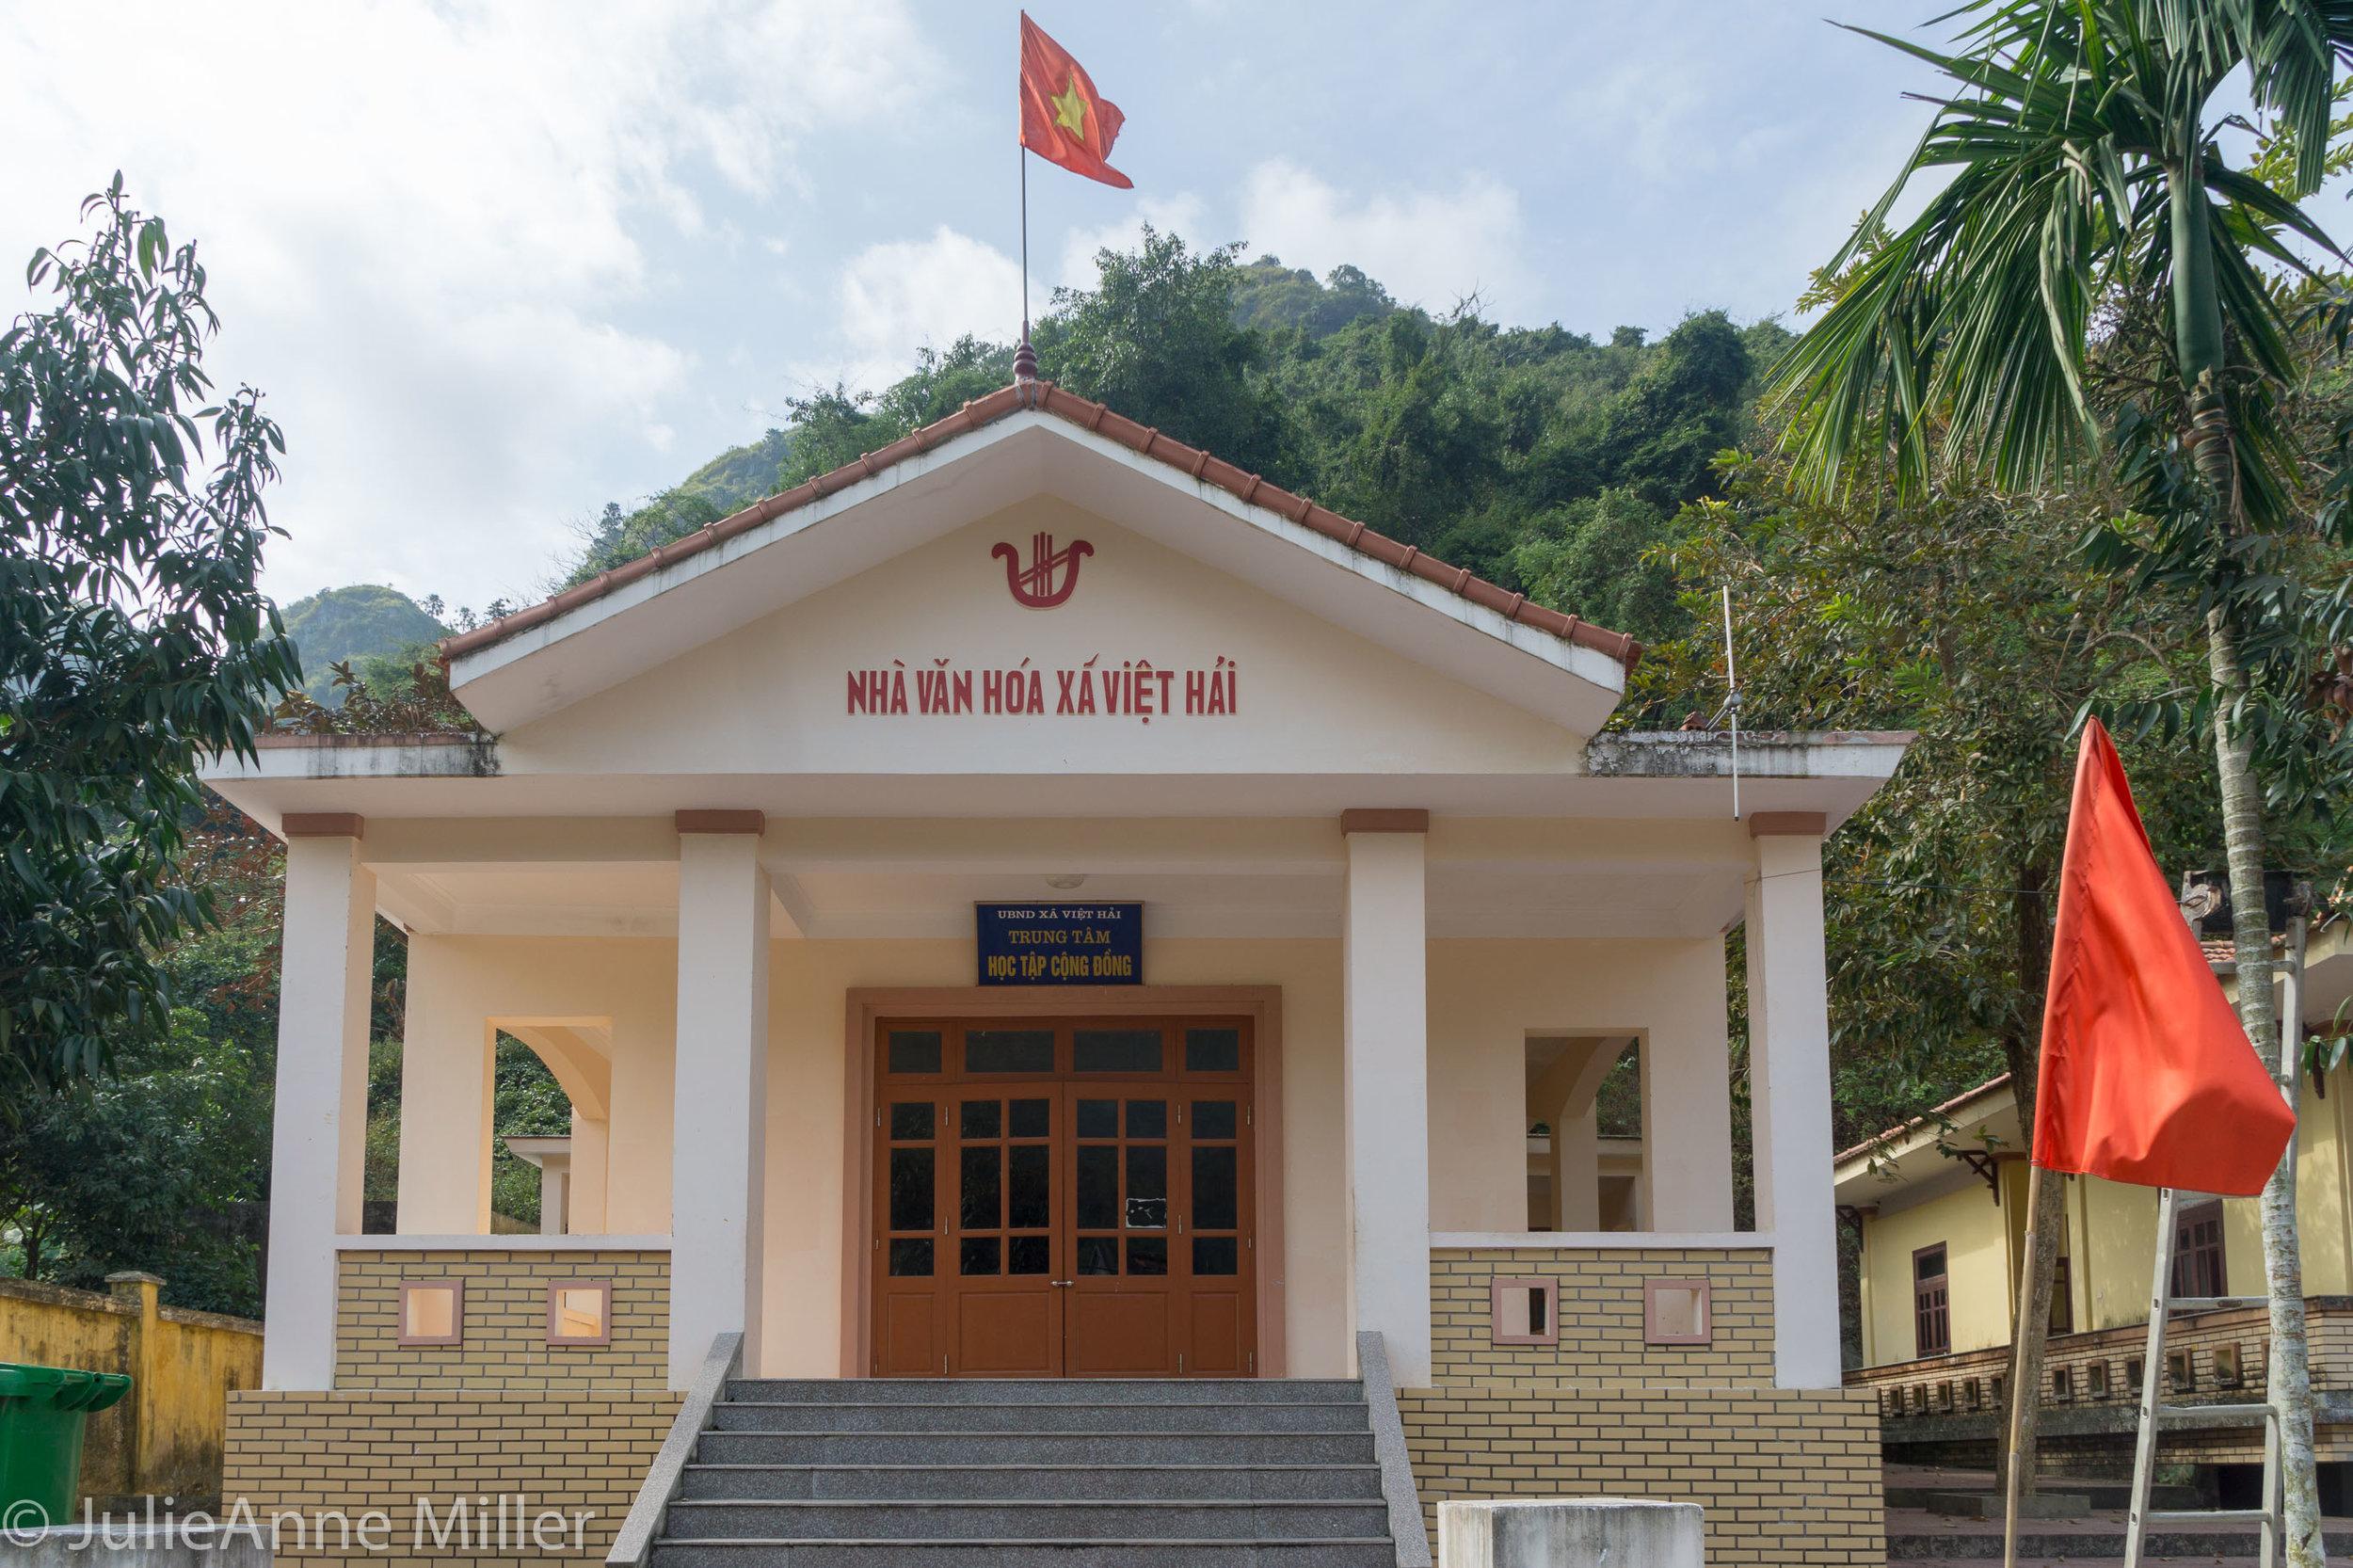 Viet Hai school